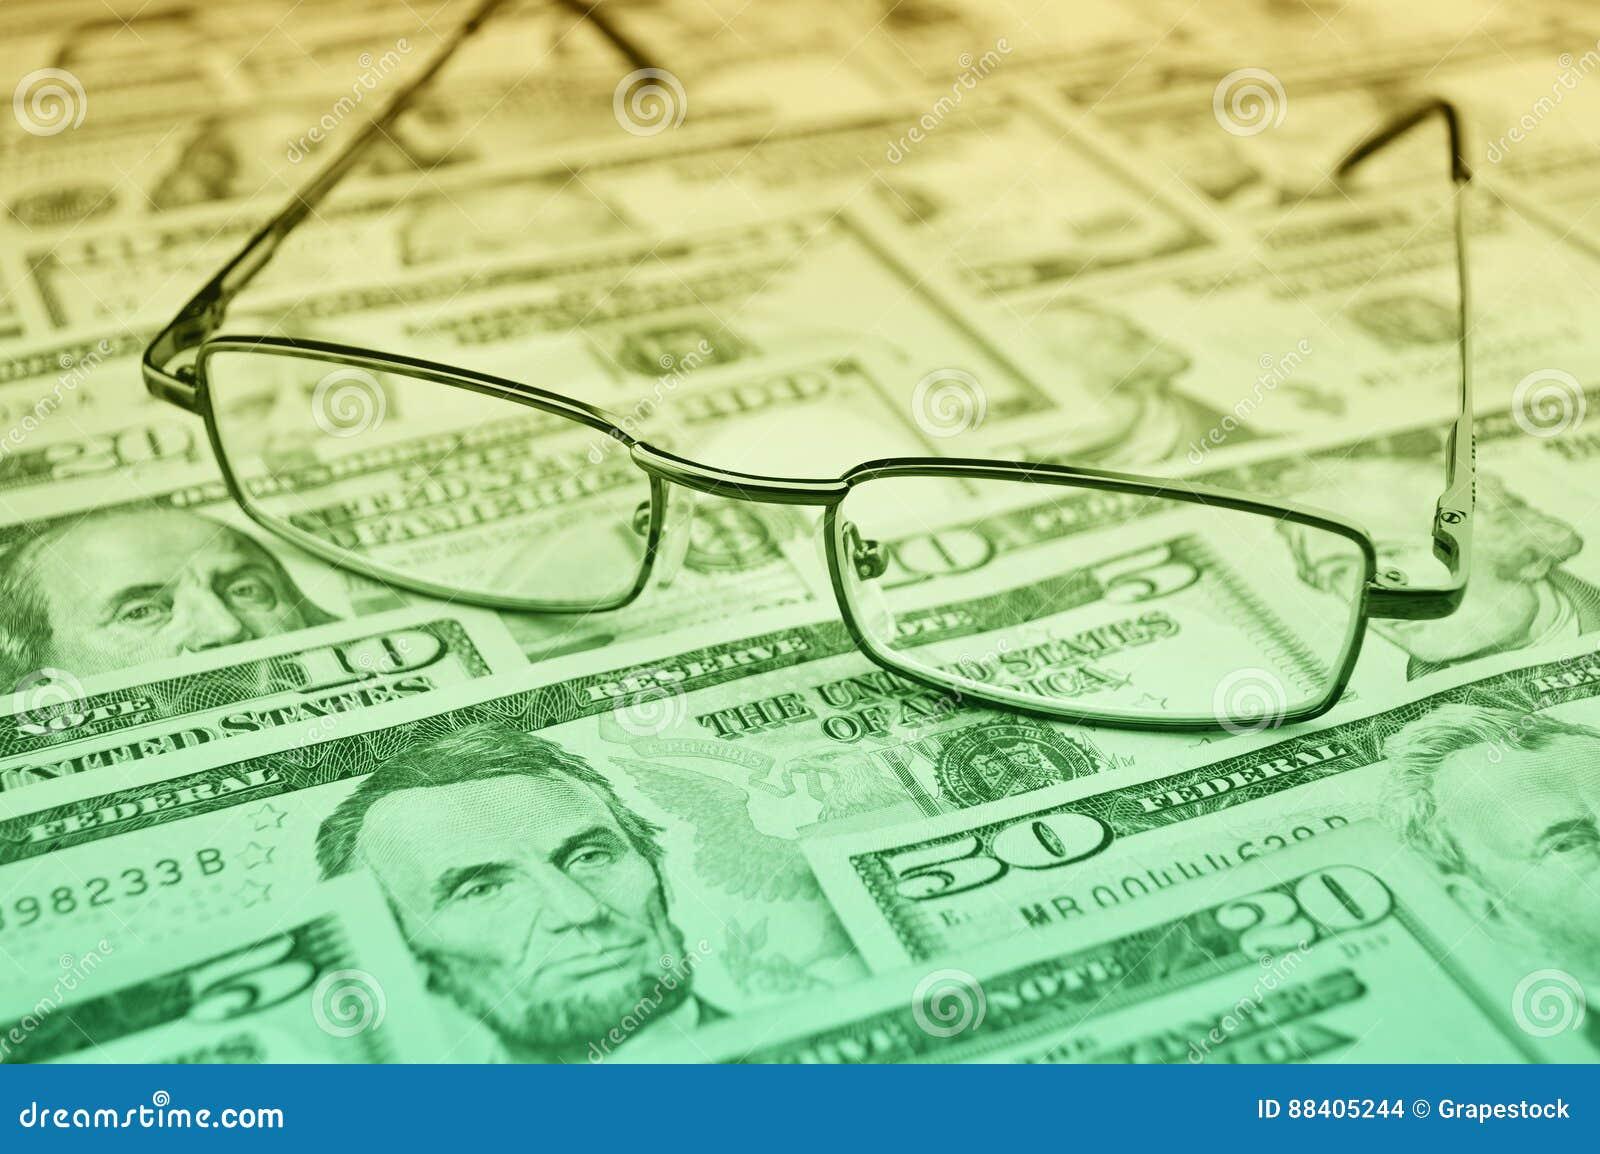 Glazen op dollargeld, financiële en bedrijfsconcept